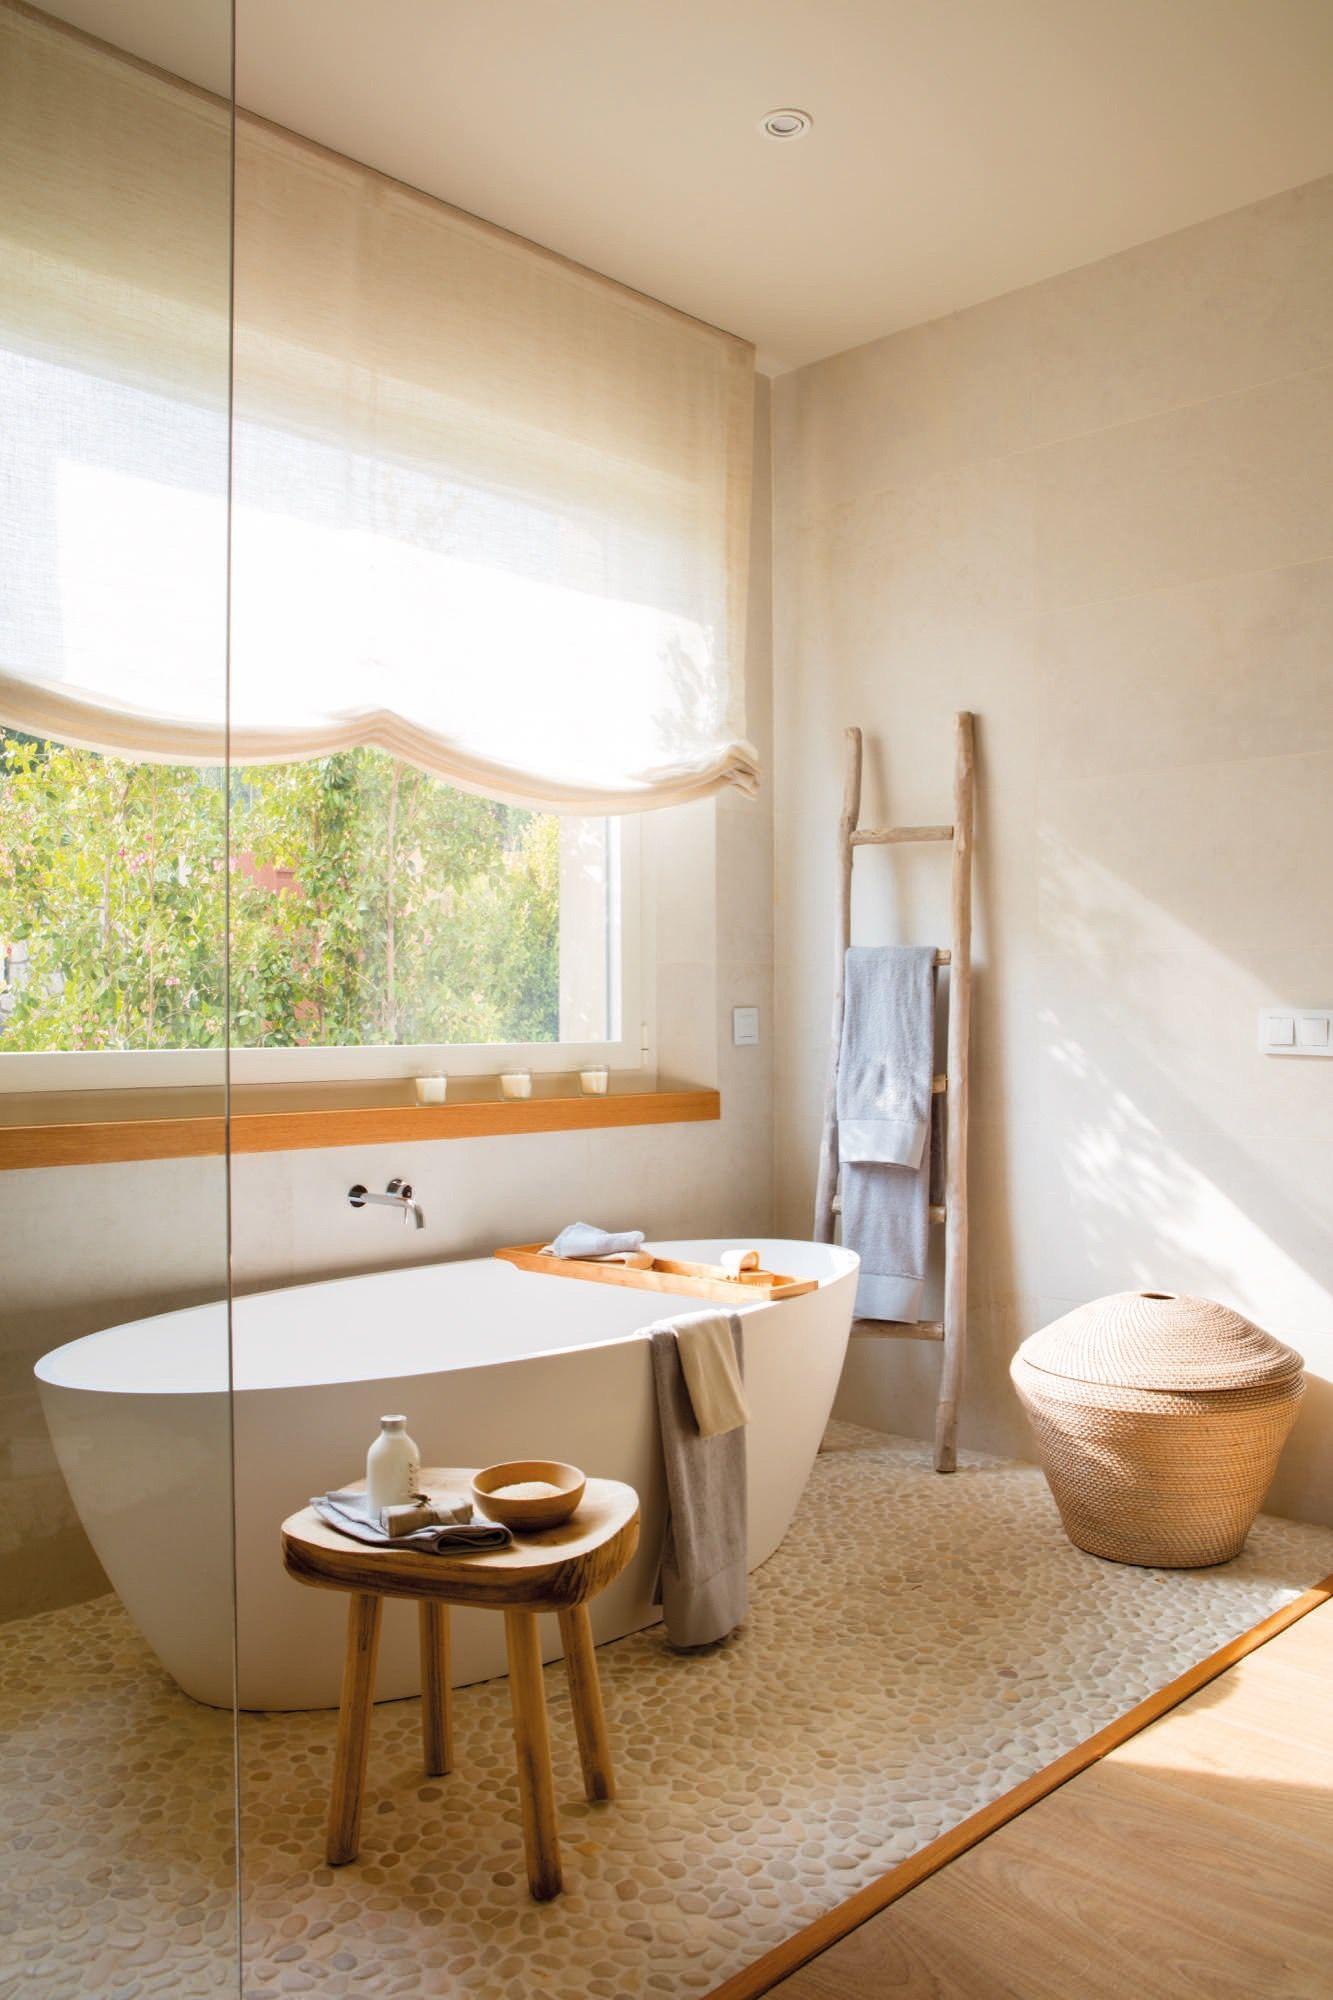 El Relax Total Banera Exenta Dormitorio Con Bano Bano Con Banera